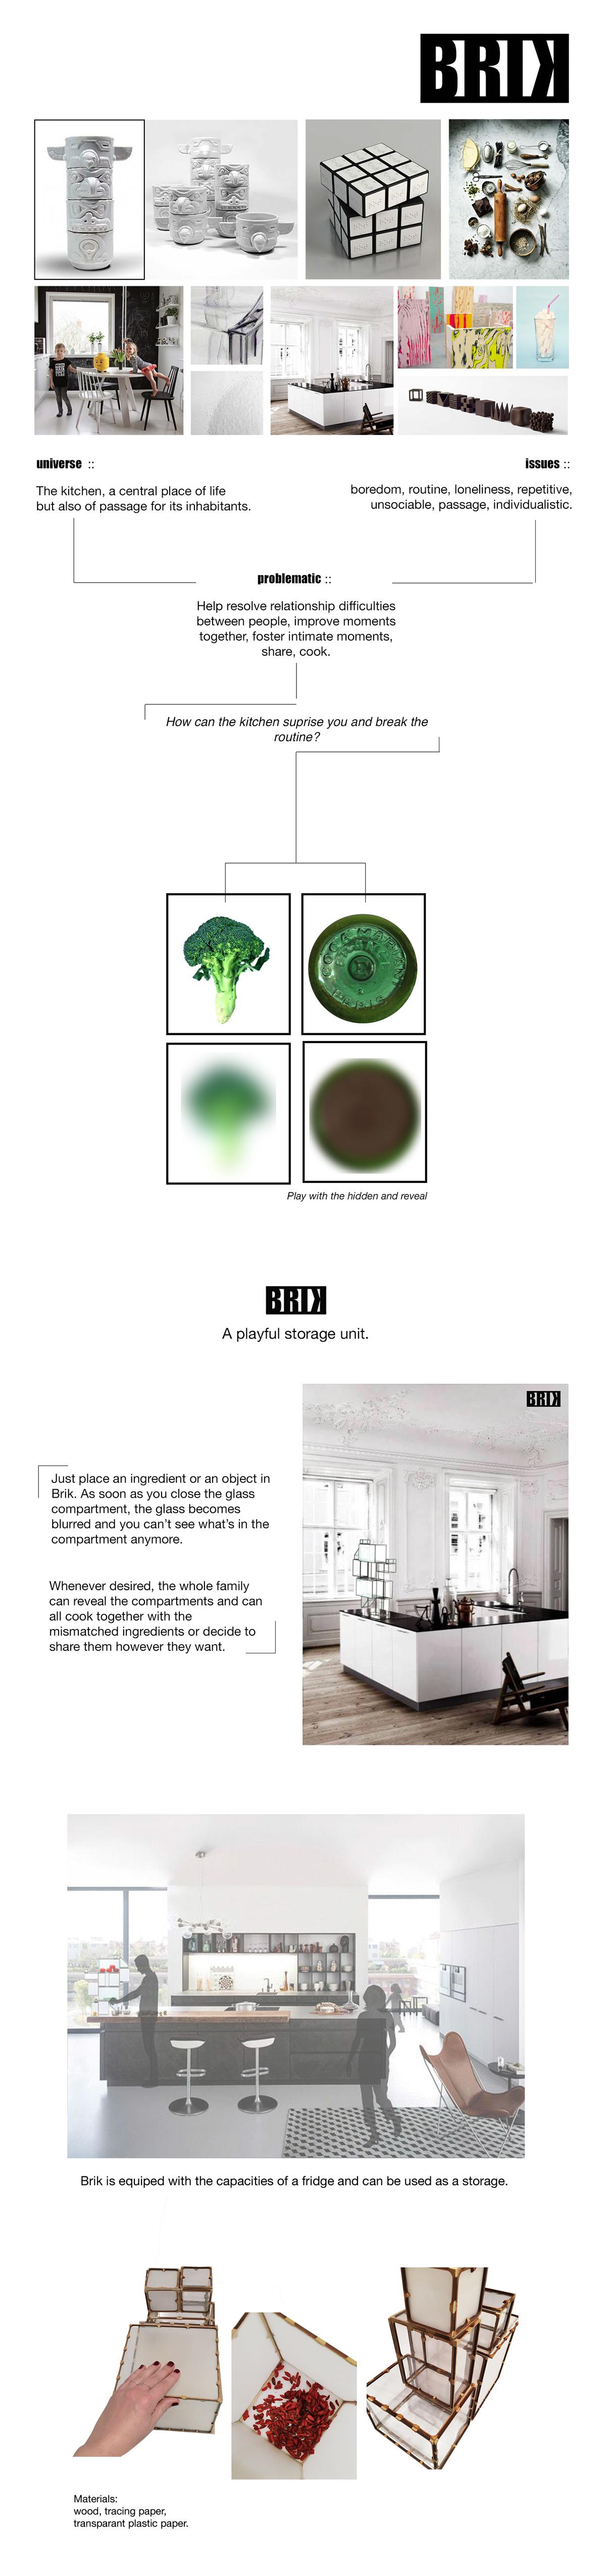 Adobe Portfolio brik kitchen Interior product home interaction family play